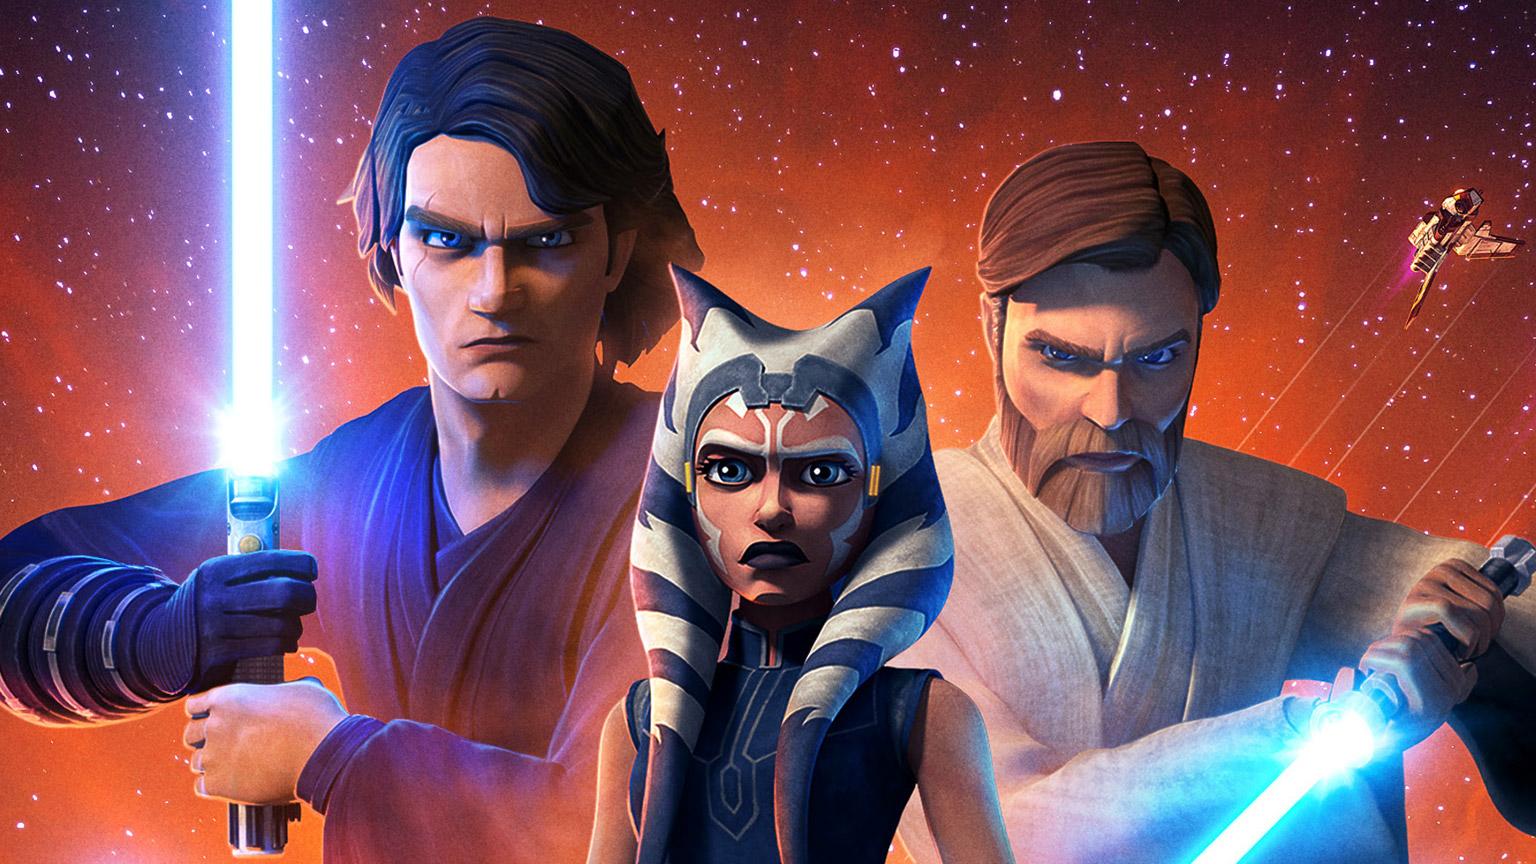 Disney показала трейлер финального сезона «Звездные войны: Войны клонов». И назвала дату премьеры